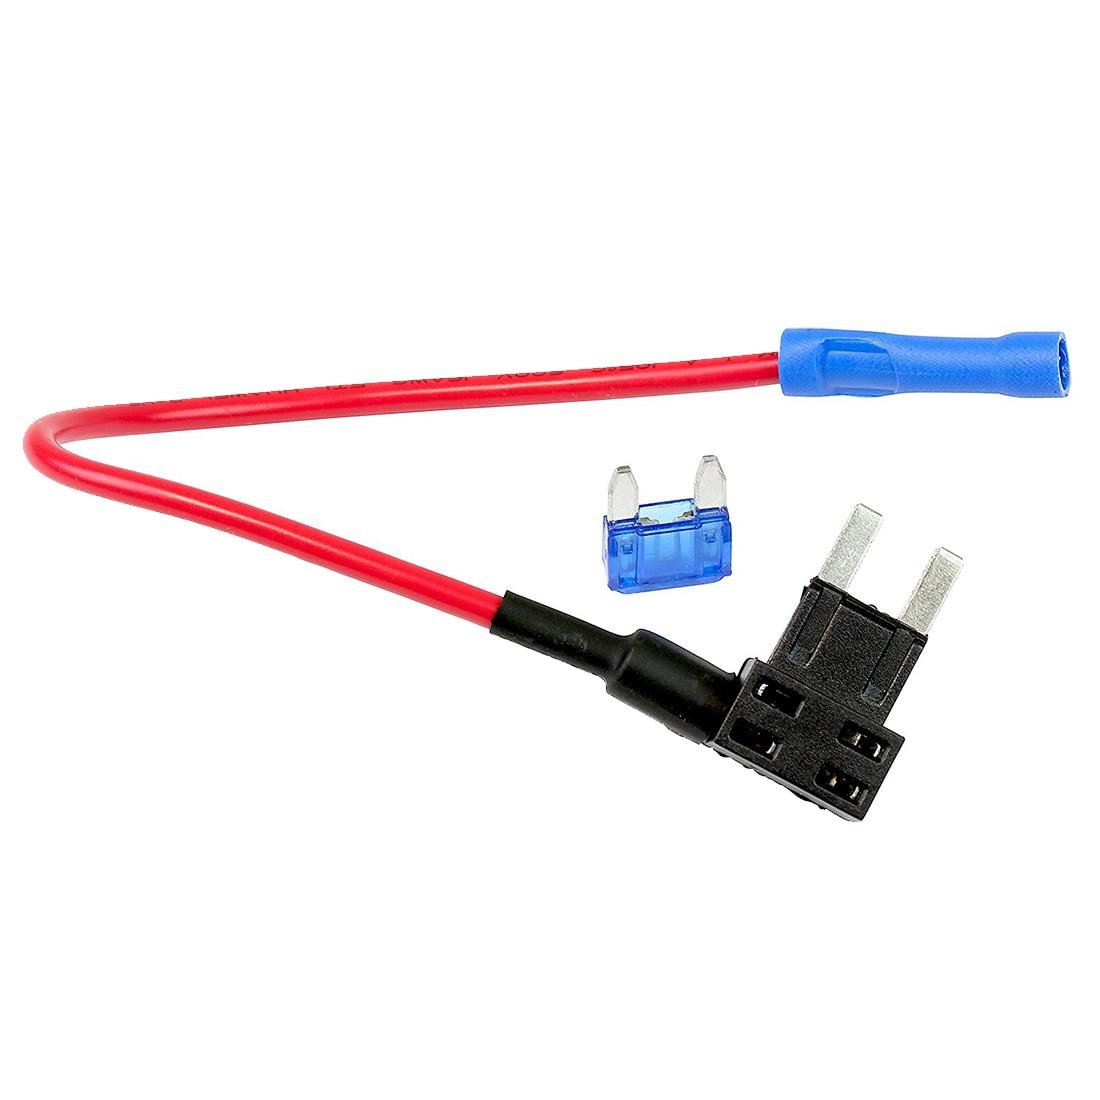 Circuito Bain : 10 pacote 12 v carro adicionar um circuito fusível tap adaptador